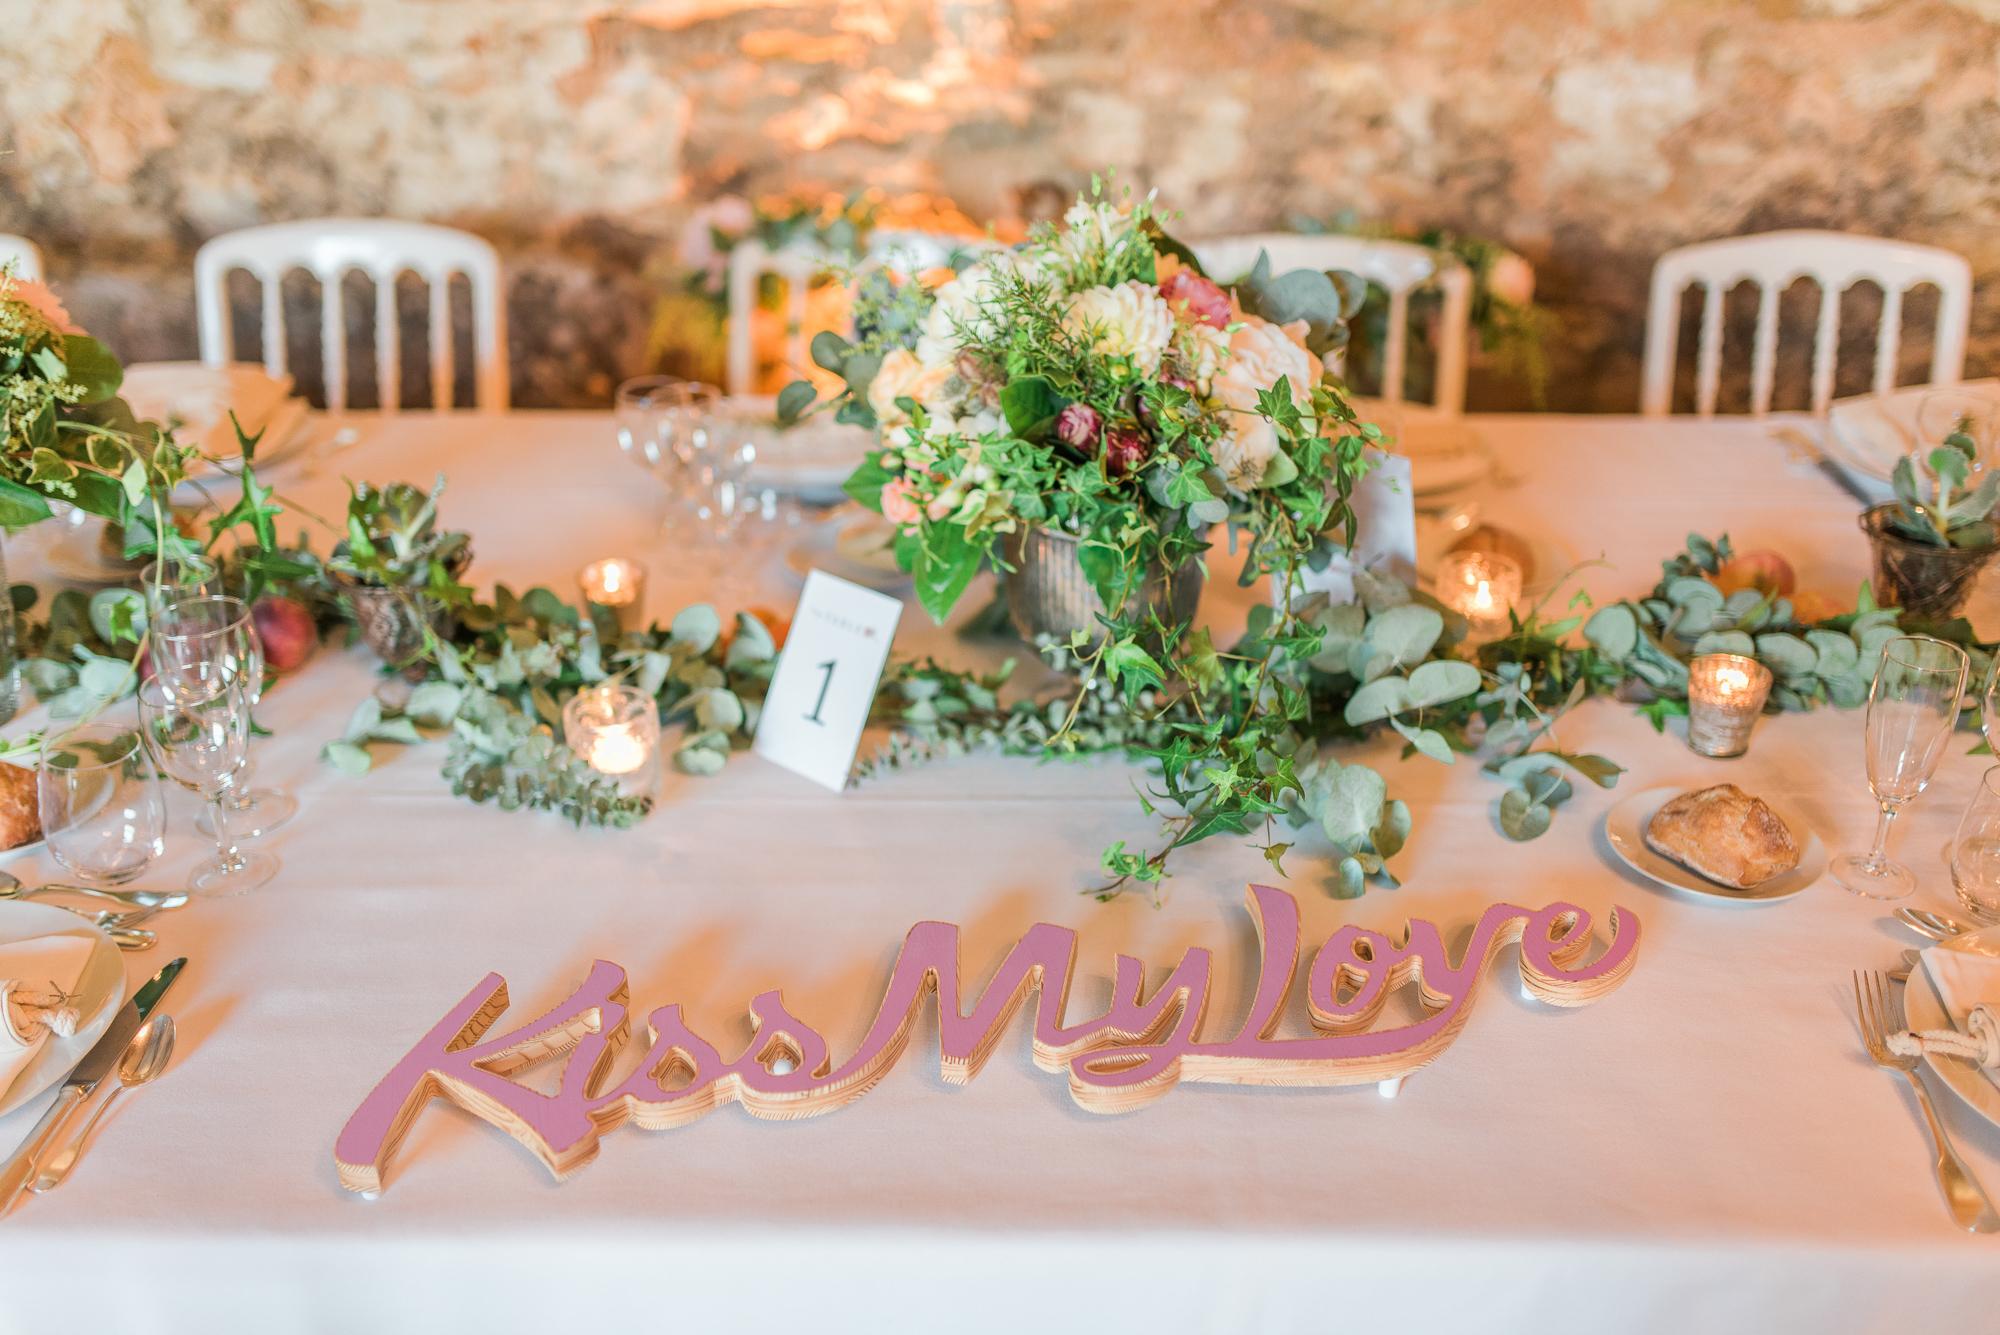 Kiss my love détail table